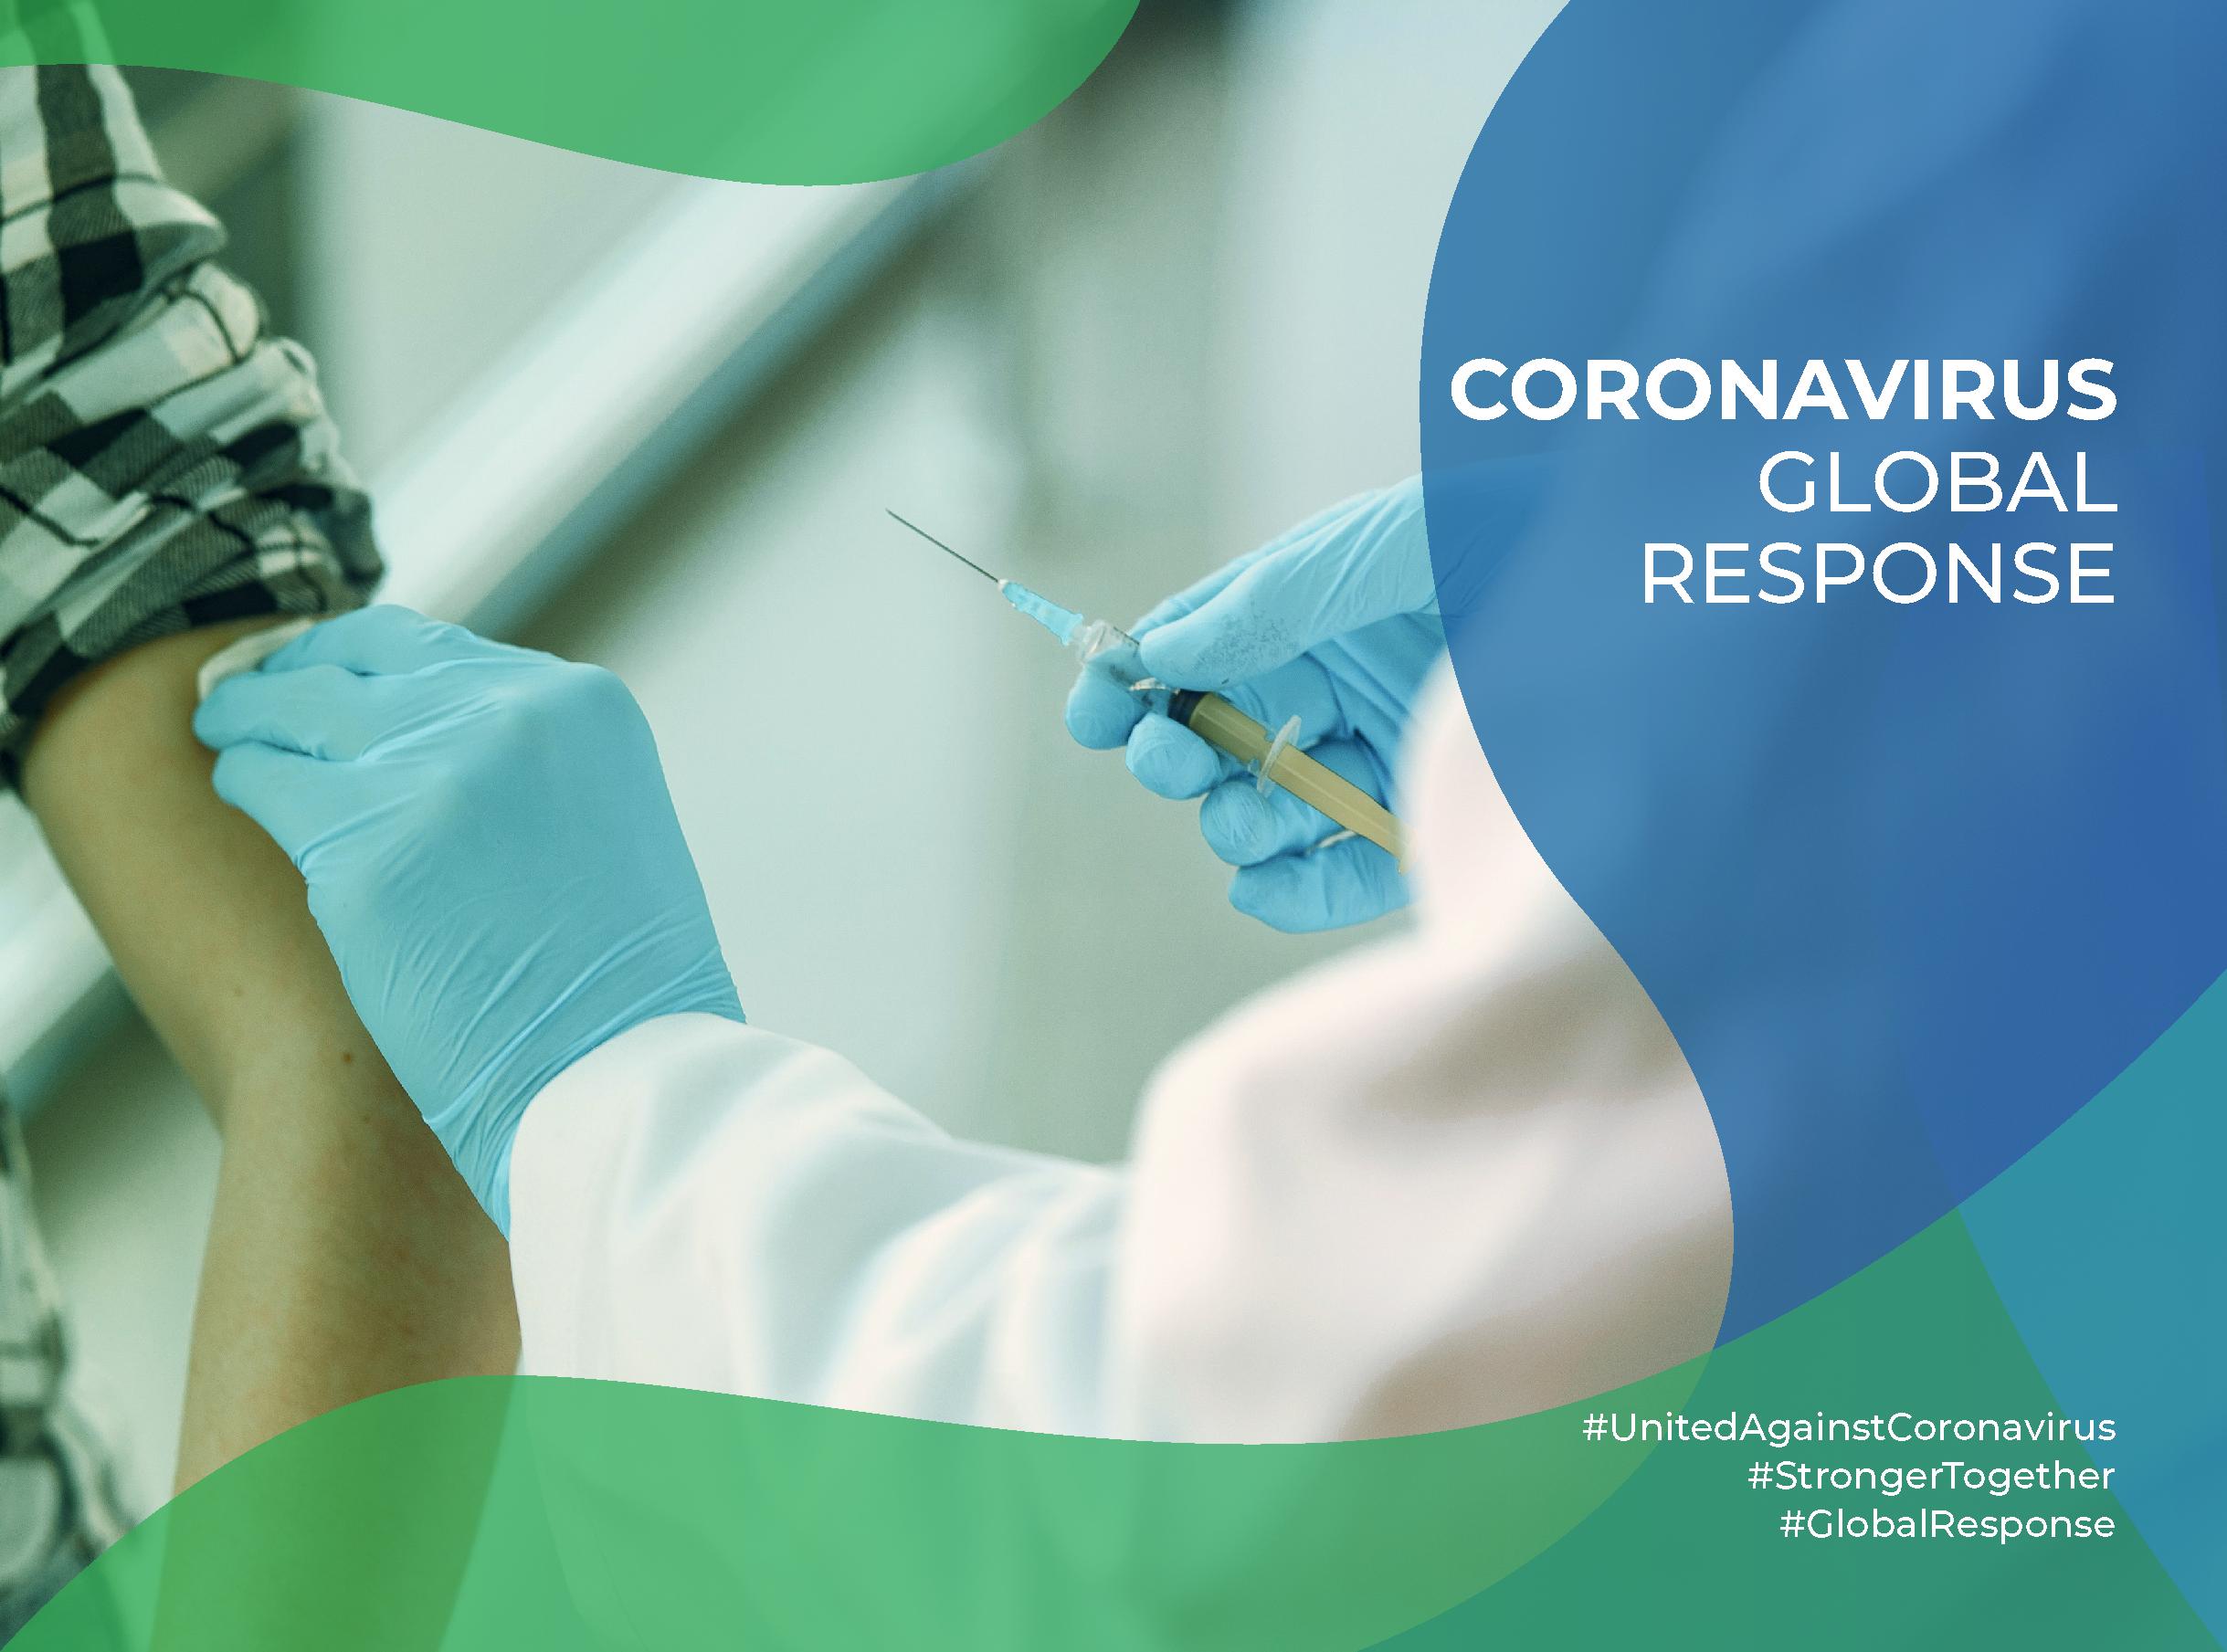 Coronavirus - Global